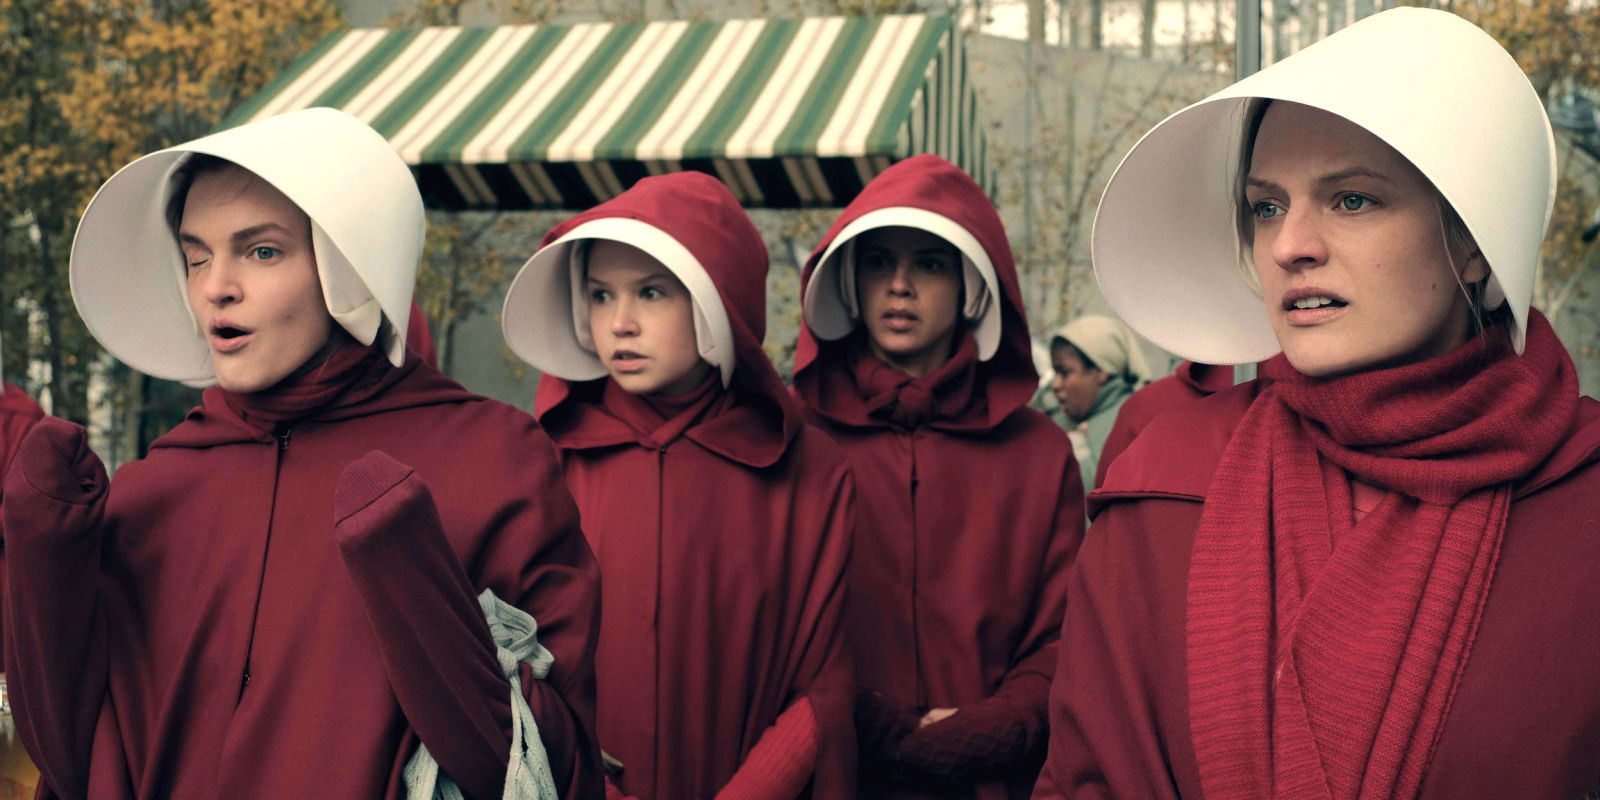 The Handmaid's Tale Season 2: release date, cast, trailer ...